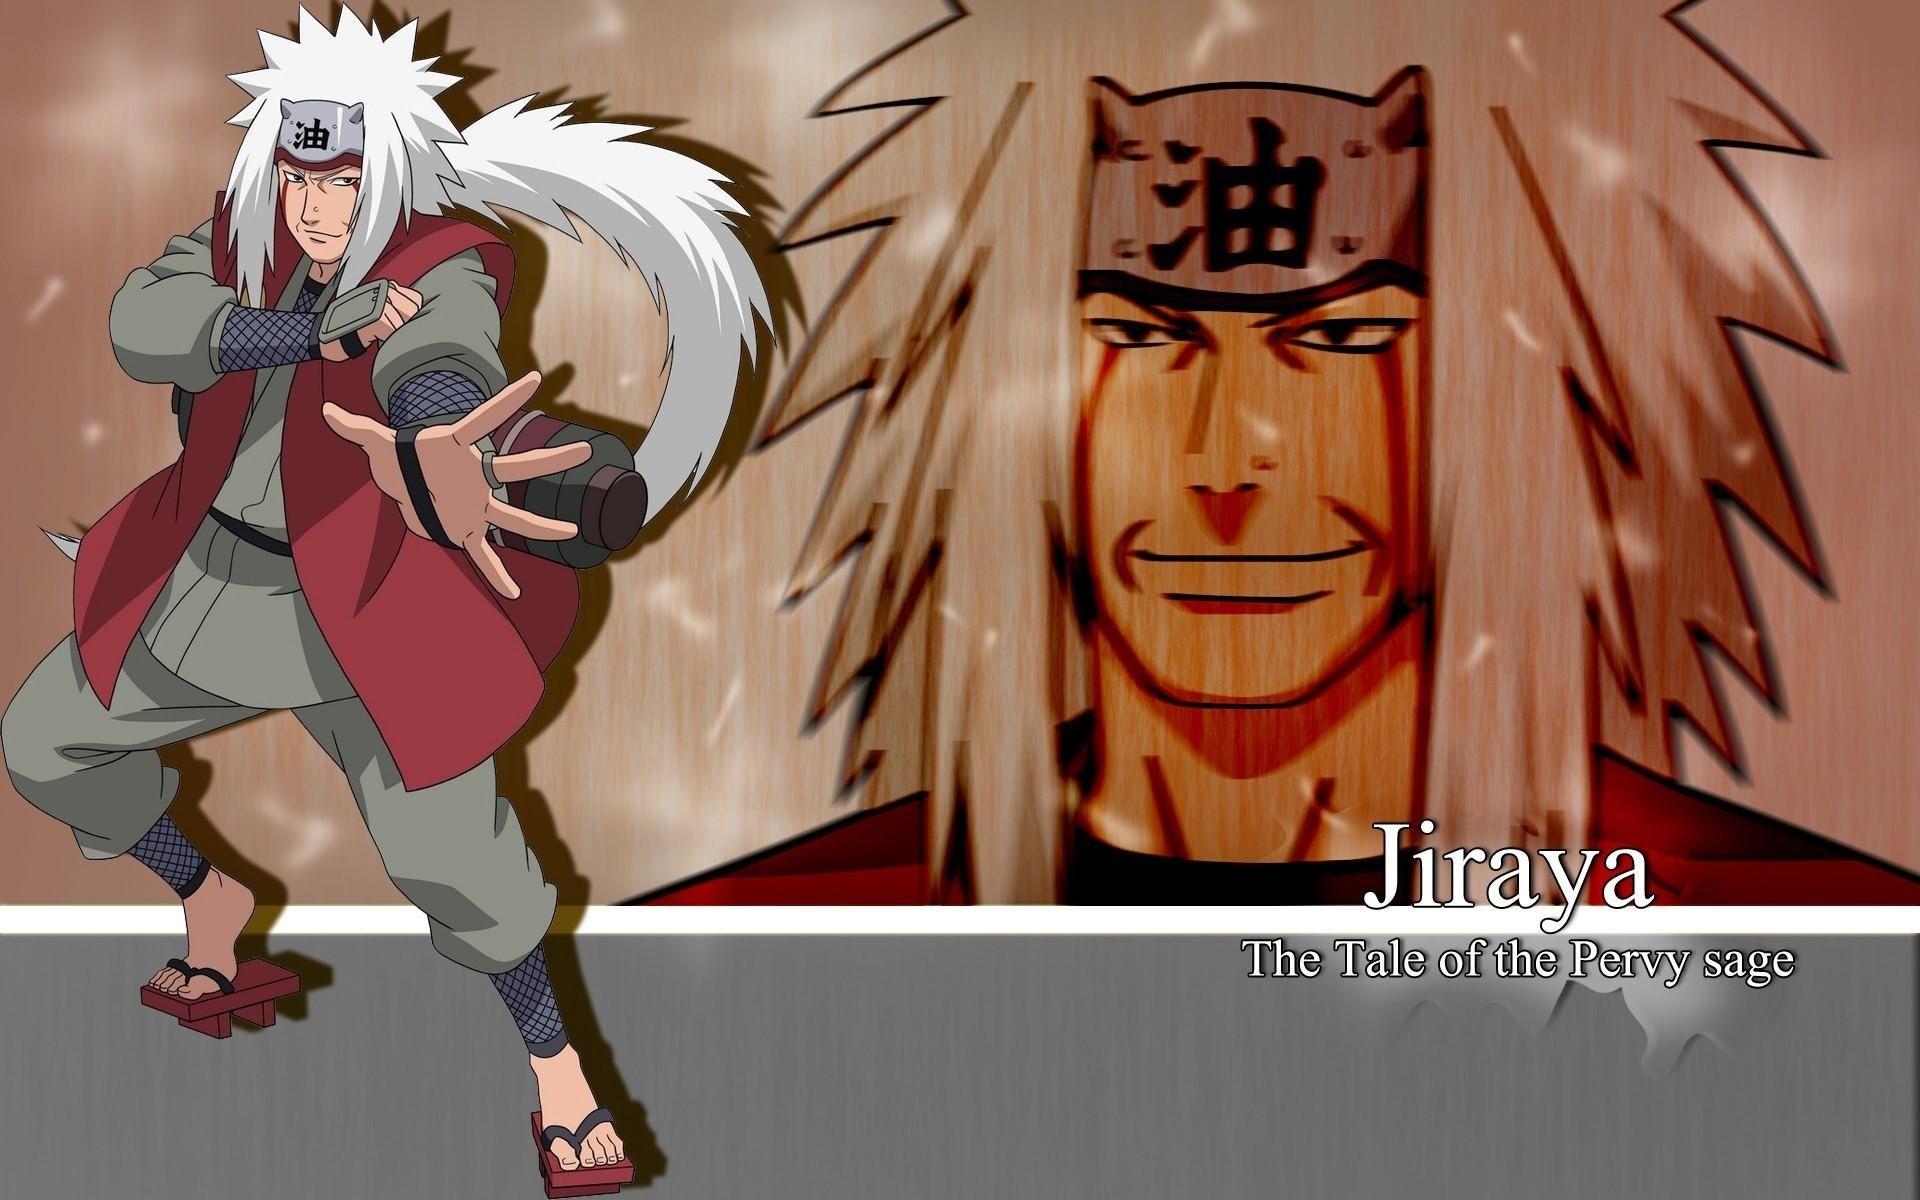 Naruto Shippuden Jiraiya 619691 …